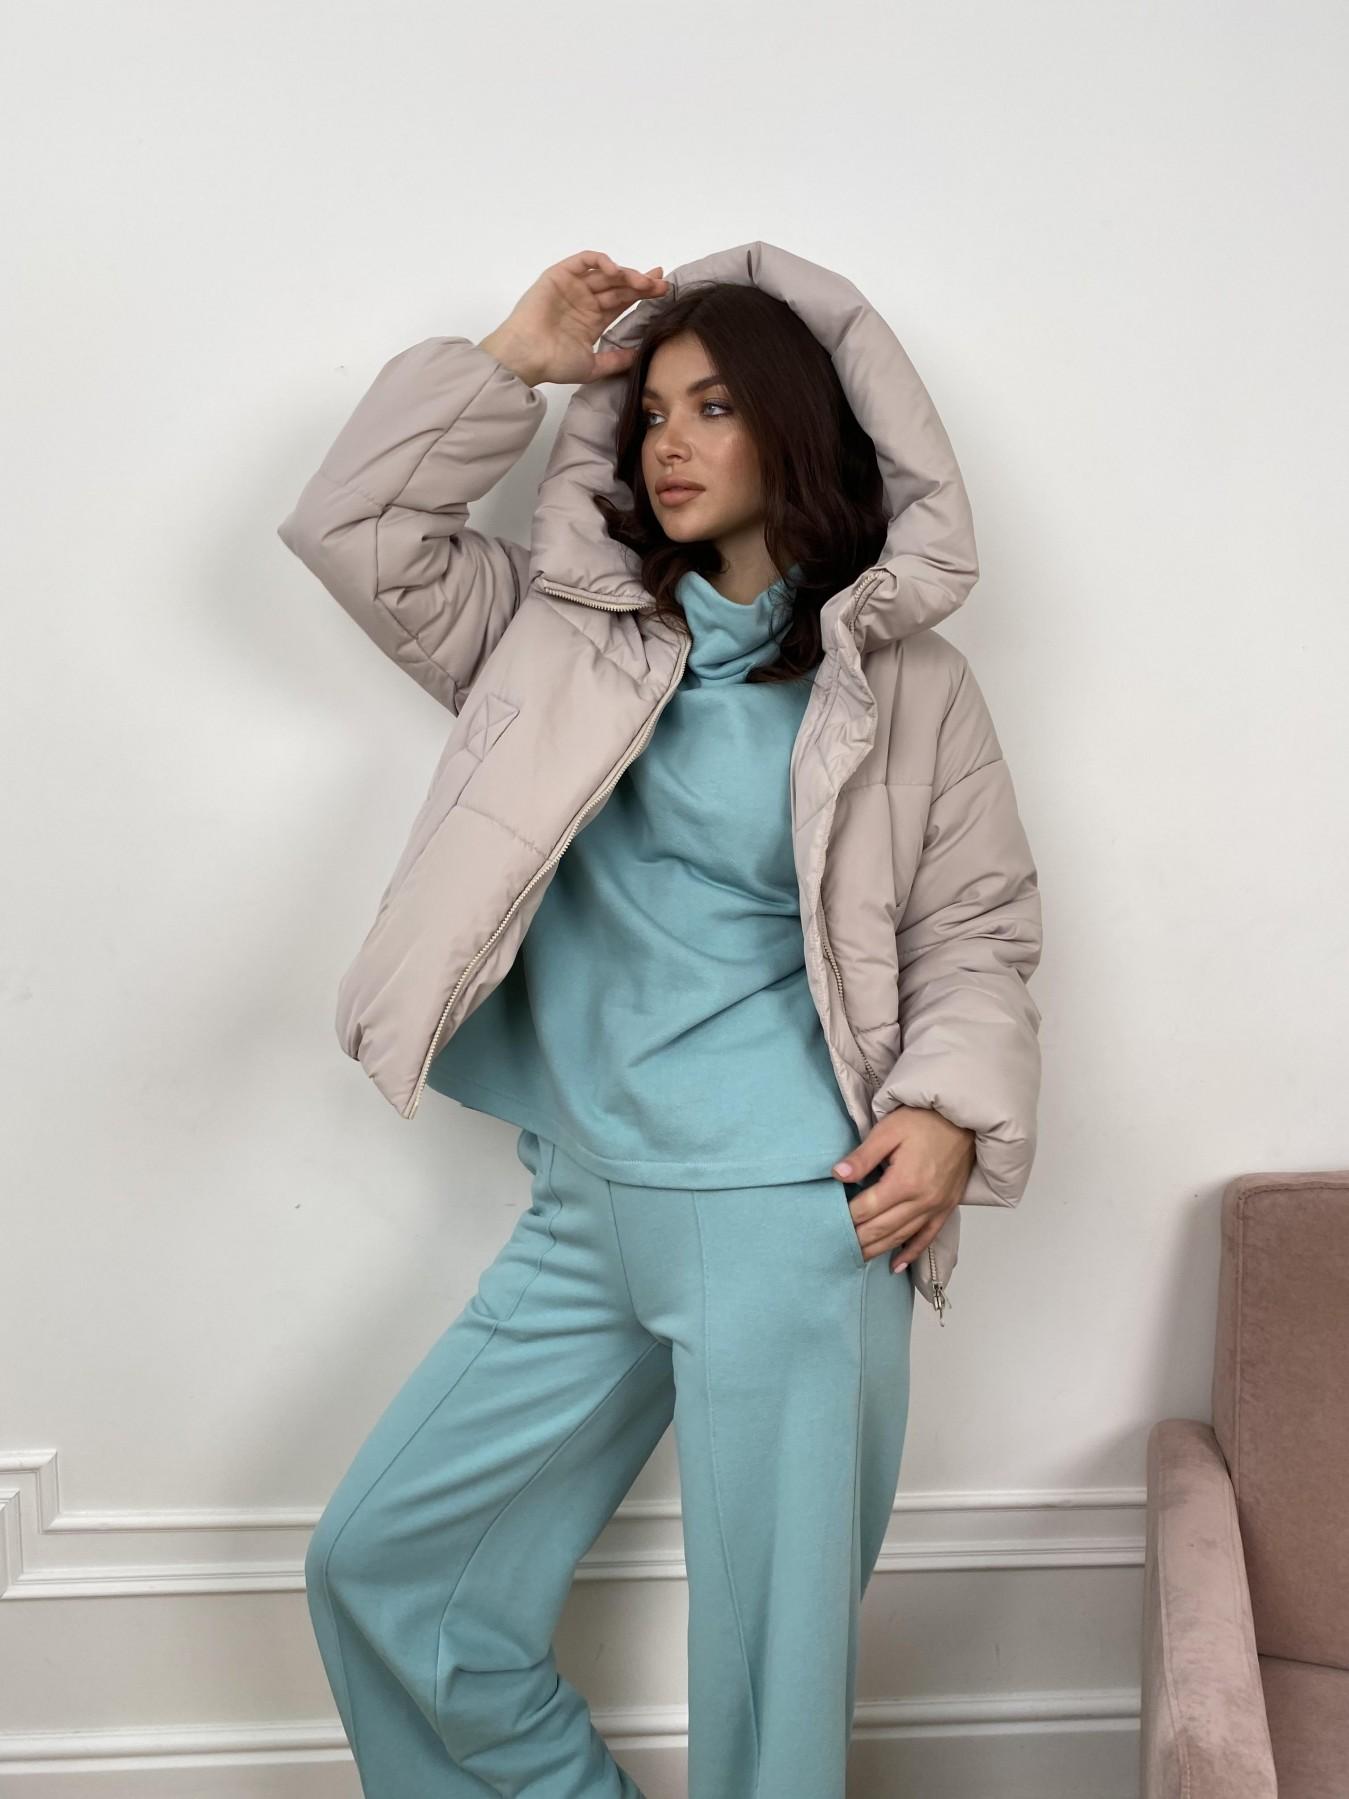 Нокс куртка из плащевой ткани 10535 АРТ. 46974 Цвет: Бежевый 511 - фото 2, интернет магазин tm-modus.ru